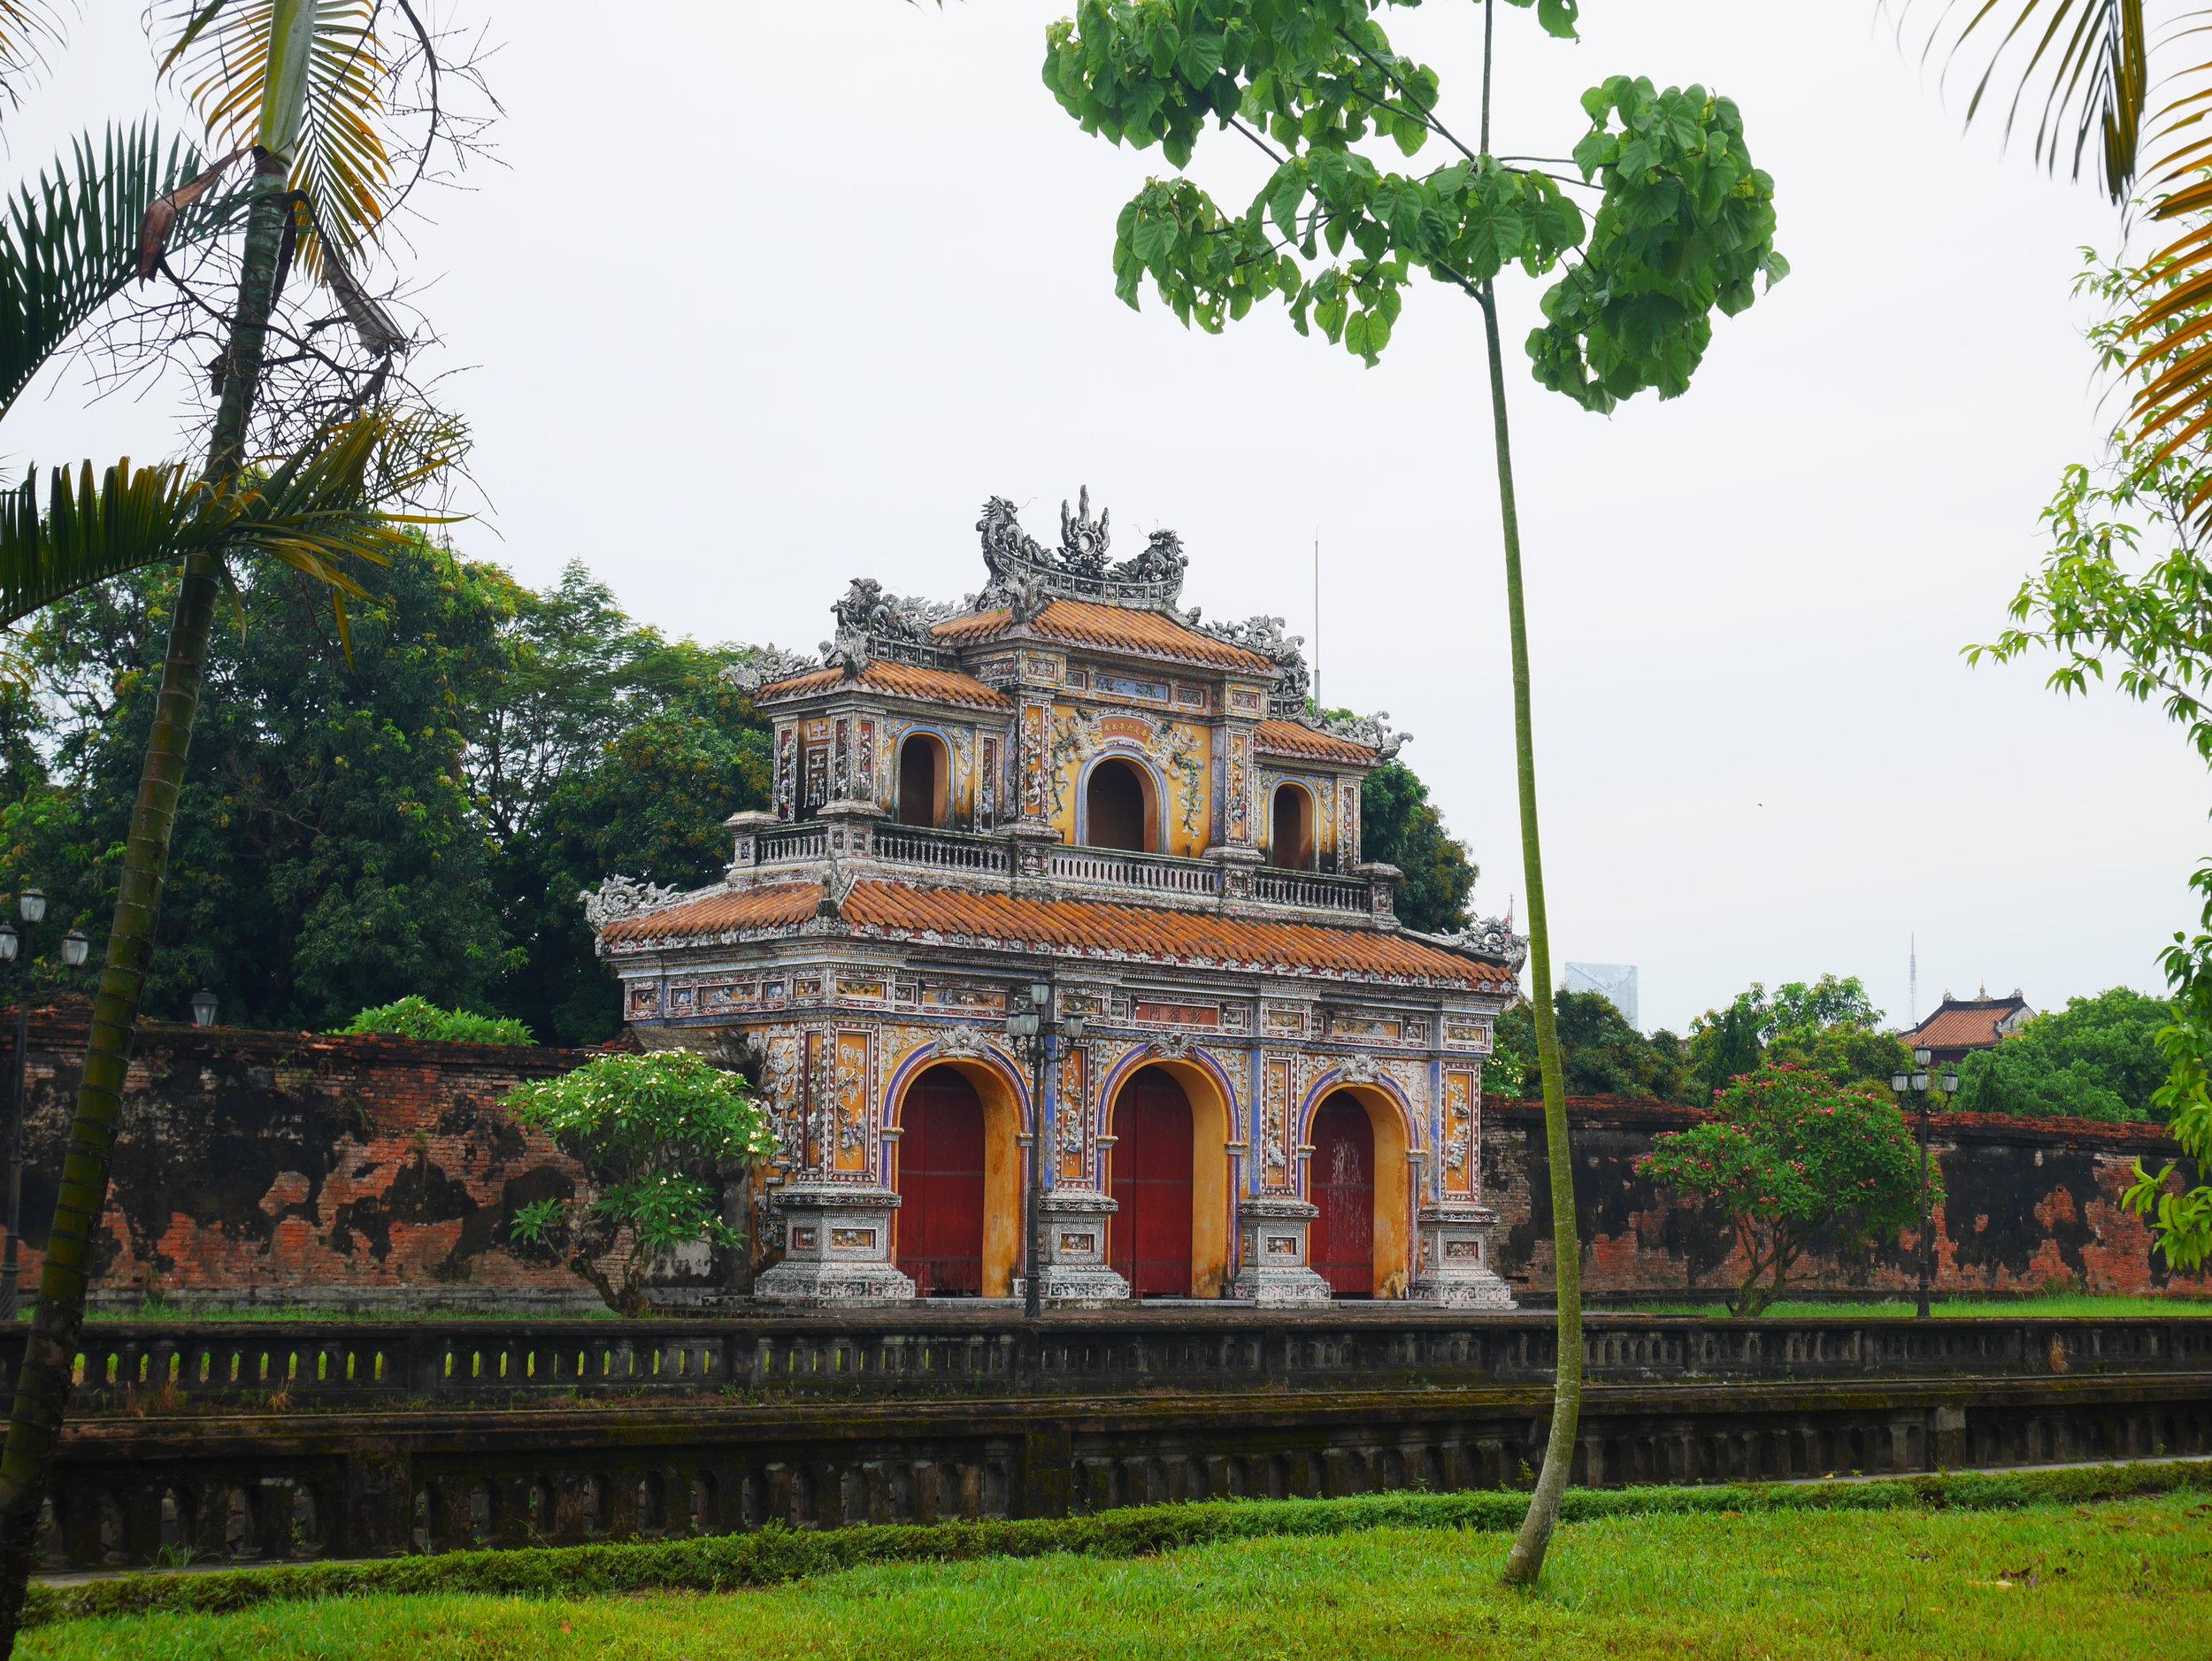 gate at Hue ancient city